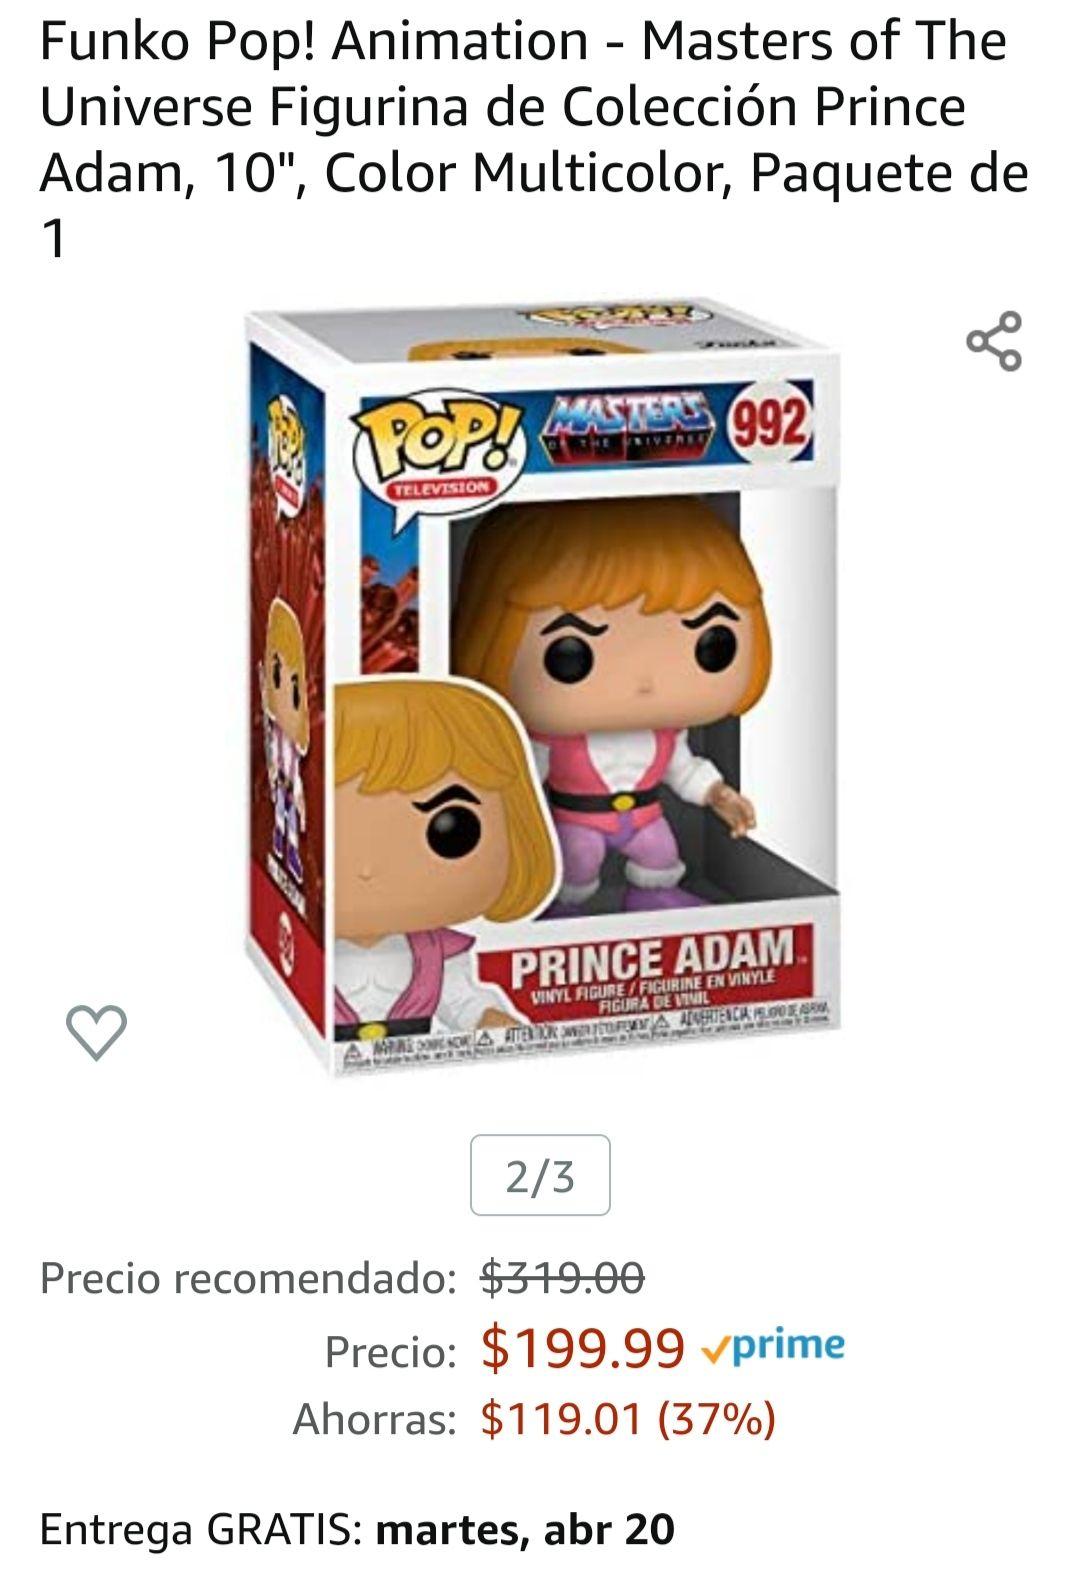 """Amazon: Funko Pop! Animation - Masters of The Universe Figurina de Colección Prince Adam, 10"""", Color Multicolor, Paquete de 1"""